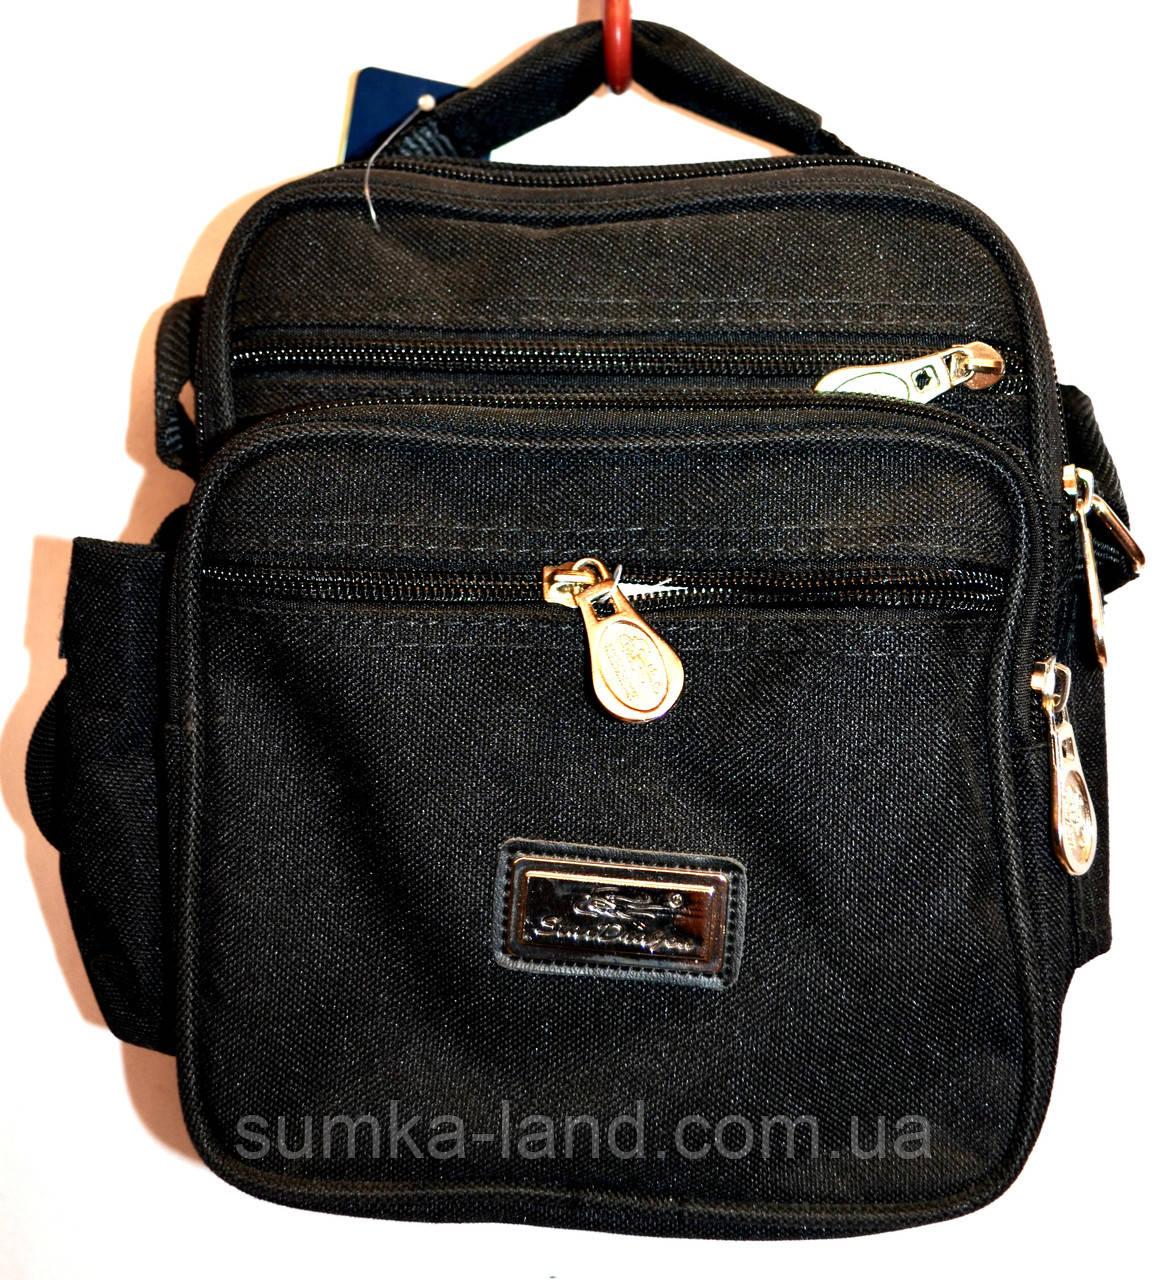 860fb4f01ca0 Текстильные мужские барсетки и сумки на плечо (ЧЕРНЫЙ): продажа ...